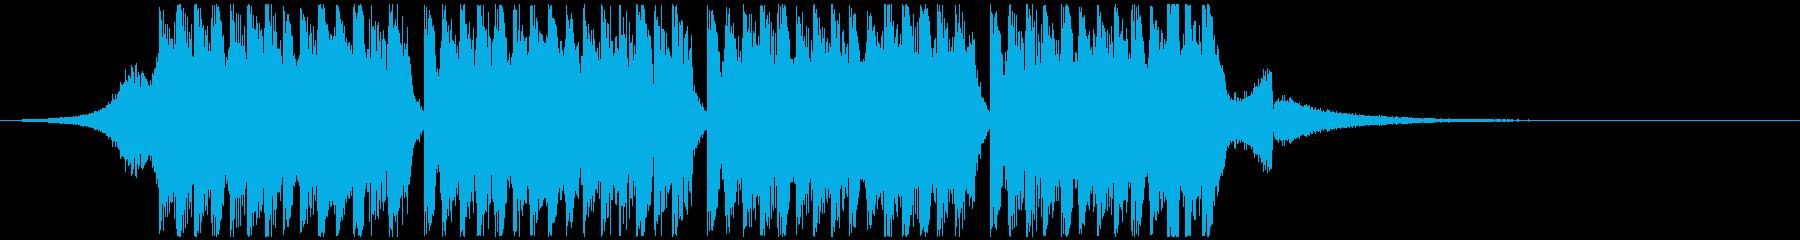 スポーツの動機(15秒)の再生済みの波形